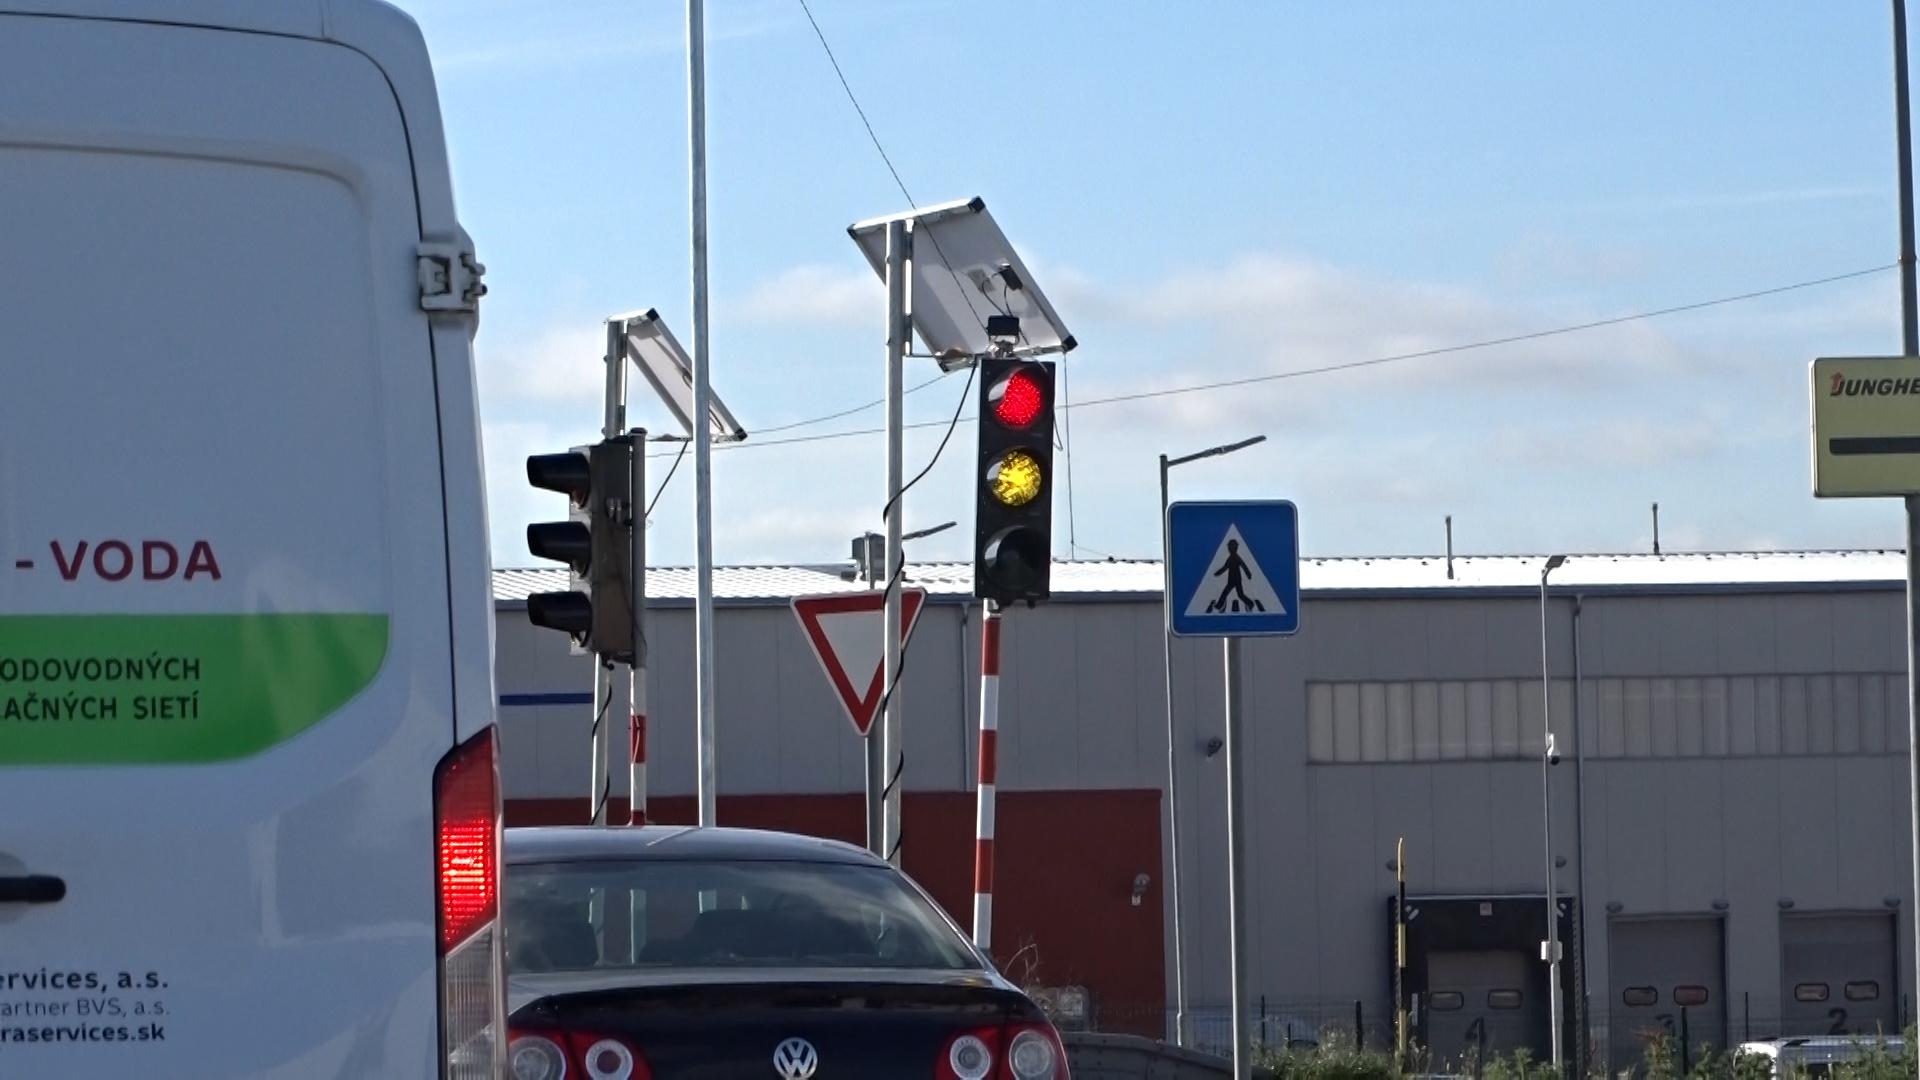 Vnímate aj vy v meste vyššiu frekvenciu dopravy? | Senec TV